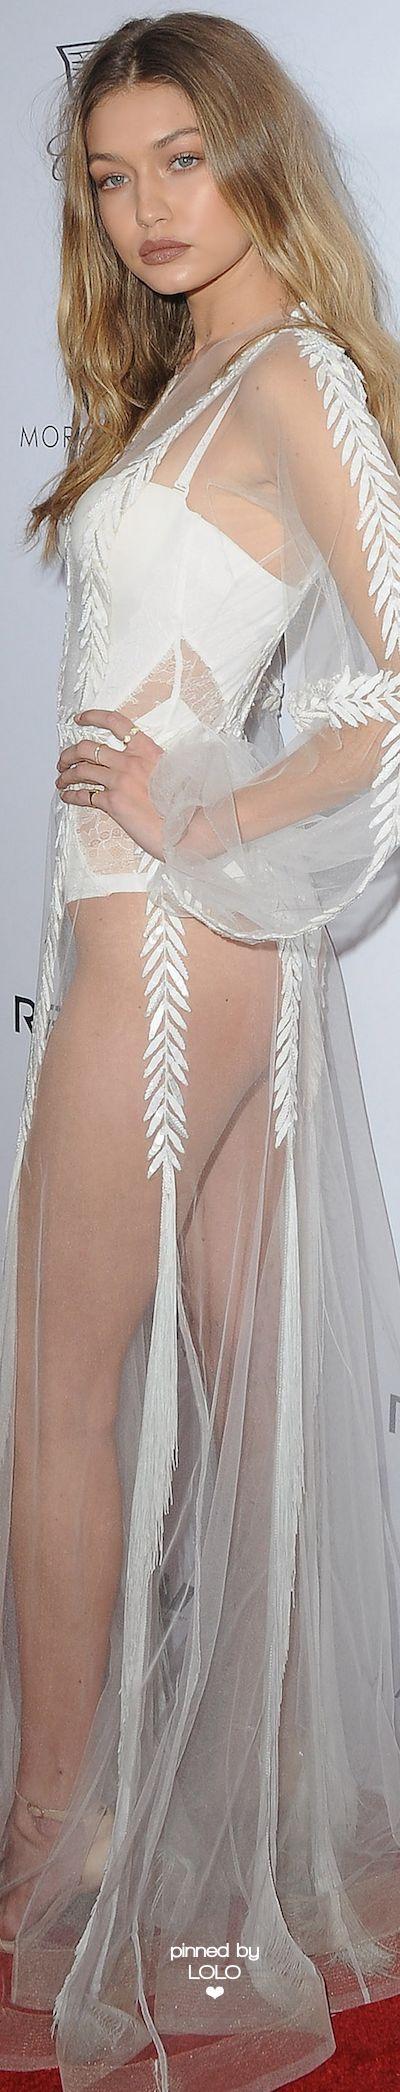 Gigi Hadid Daily Front Row Awards   LOLO❤︎